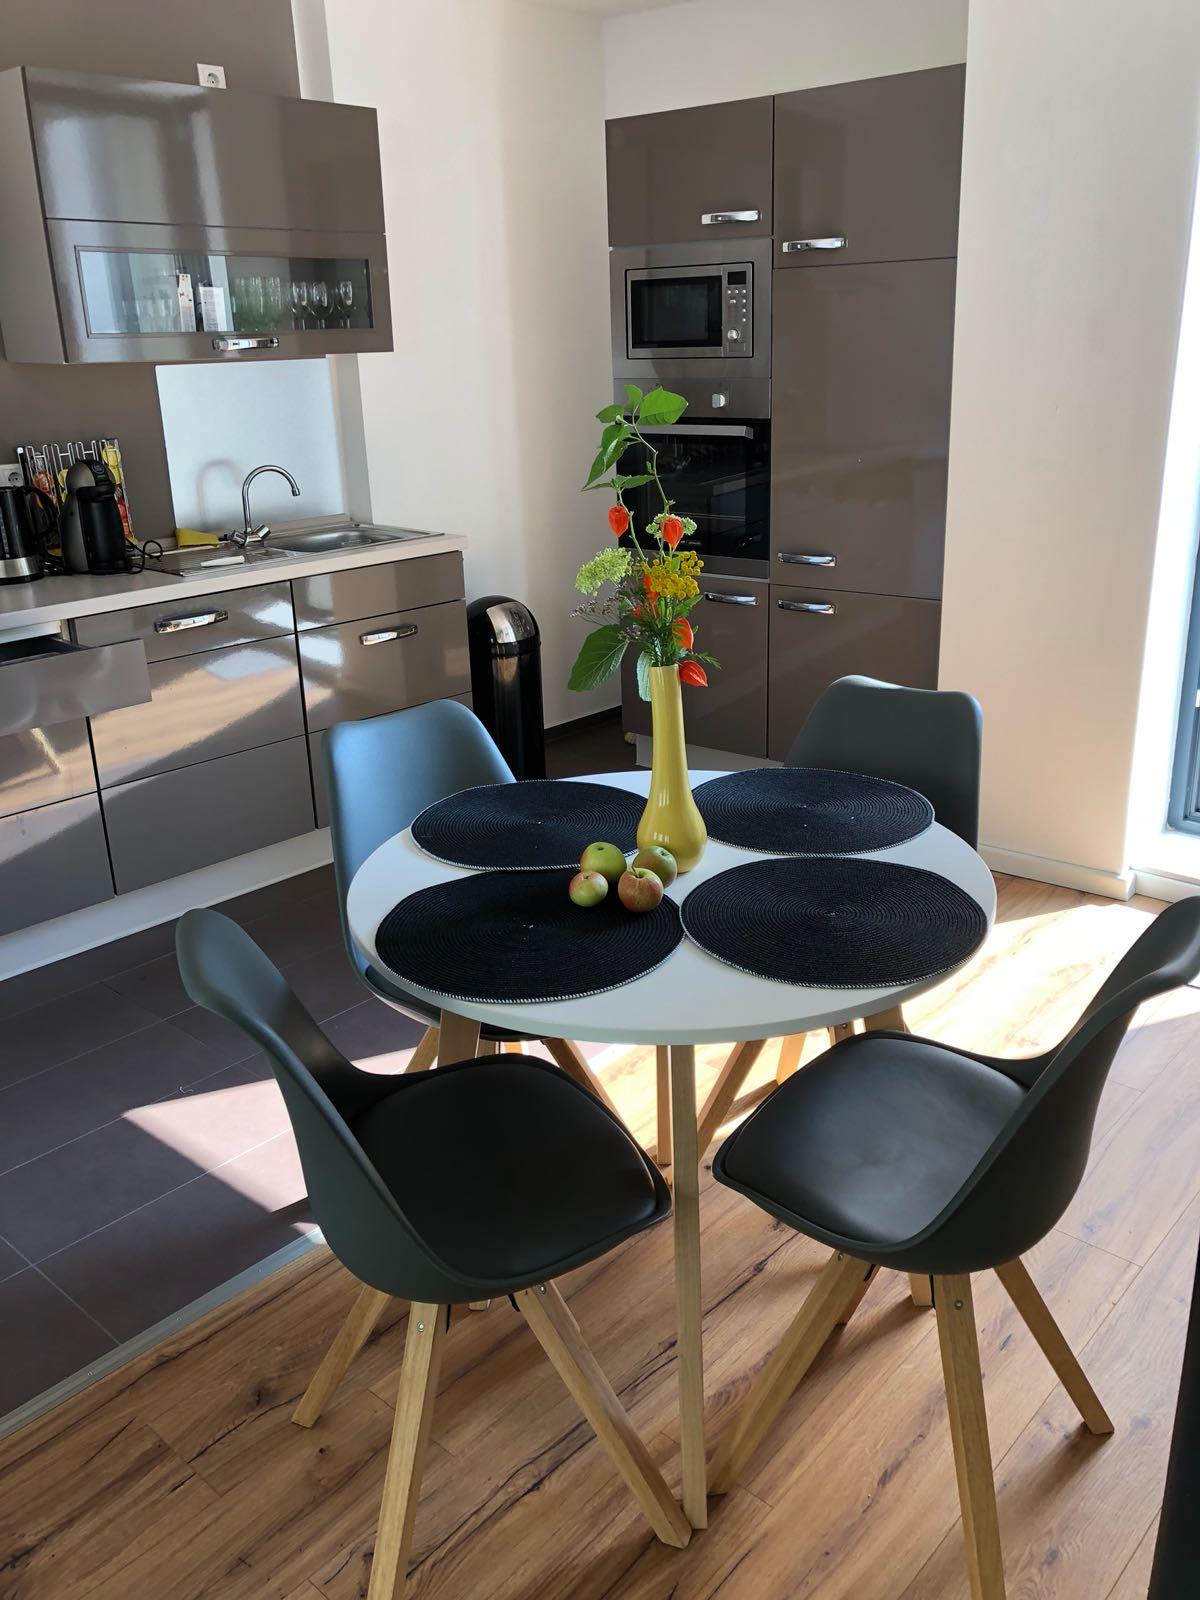 Ferienwohnung Schwerin - Essbereich für vier Personen